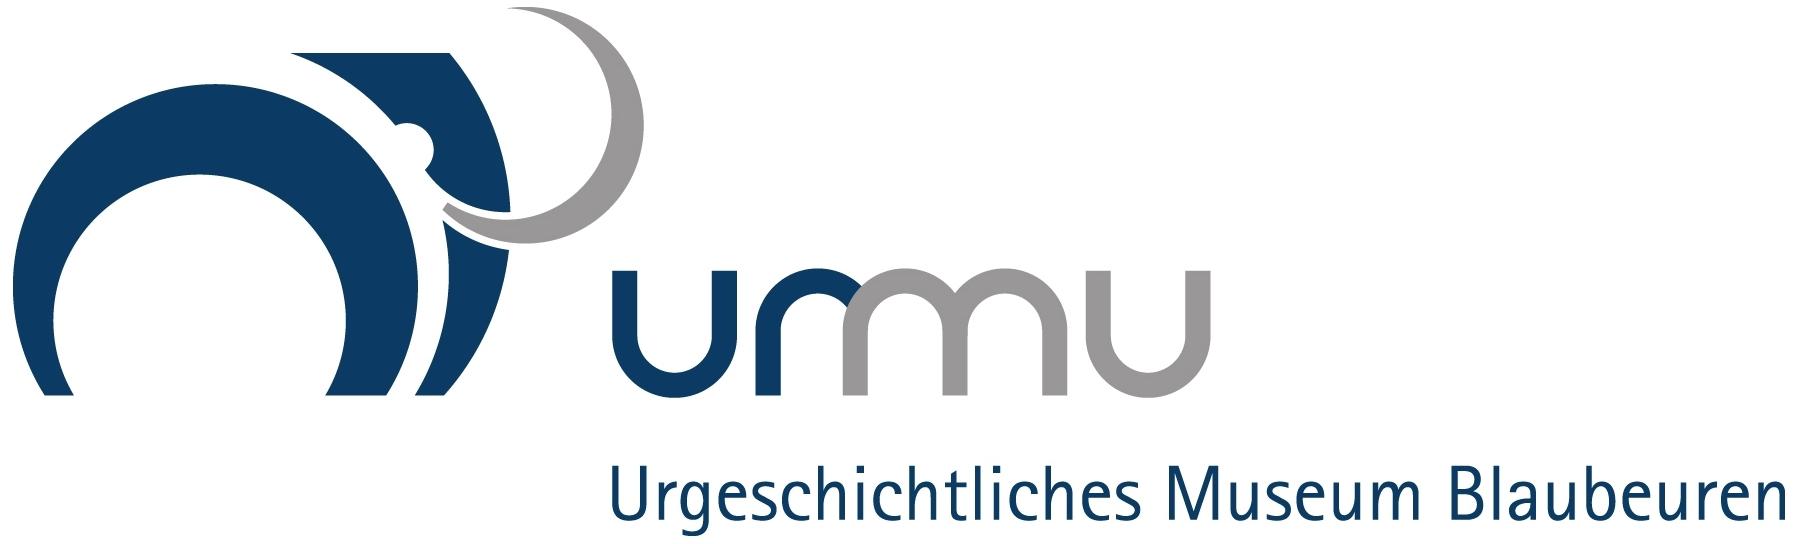 Logo Urgeschichtliches Museum Blaubeuren